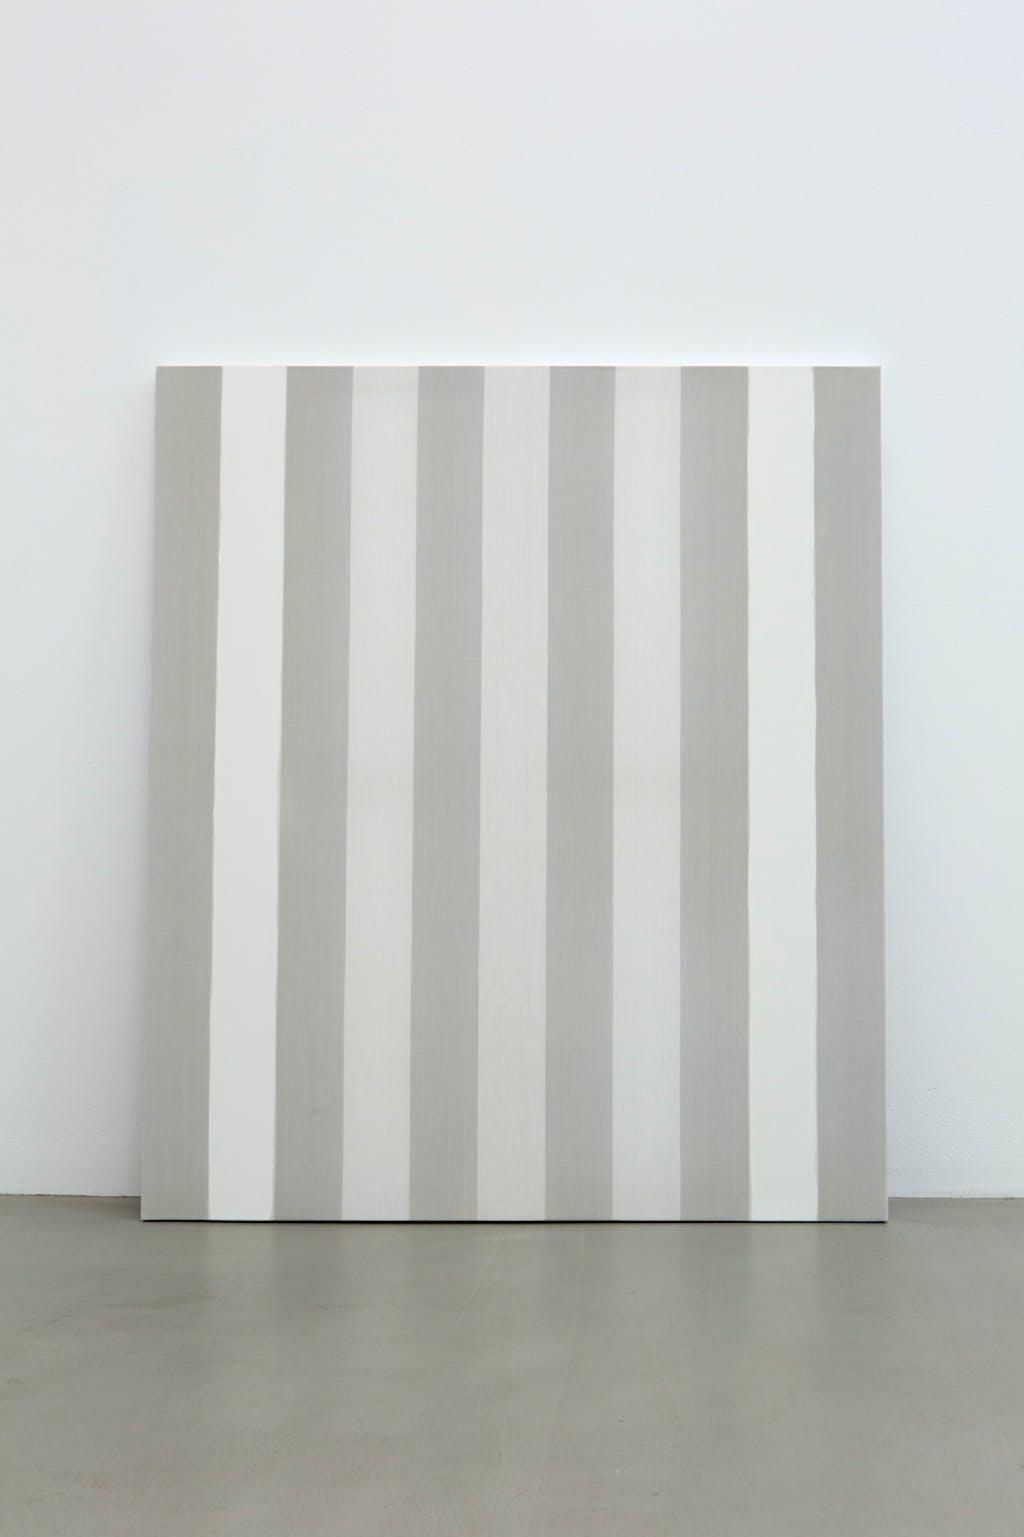 Peinture acrylique blanche sur tissu rayé blanc et gris clair - © kamel mennour